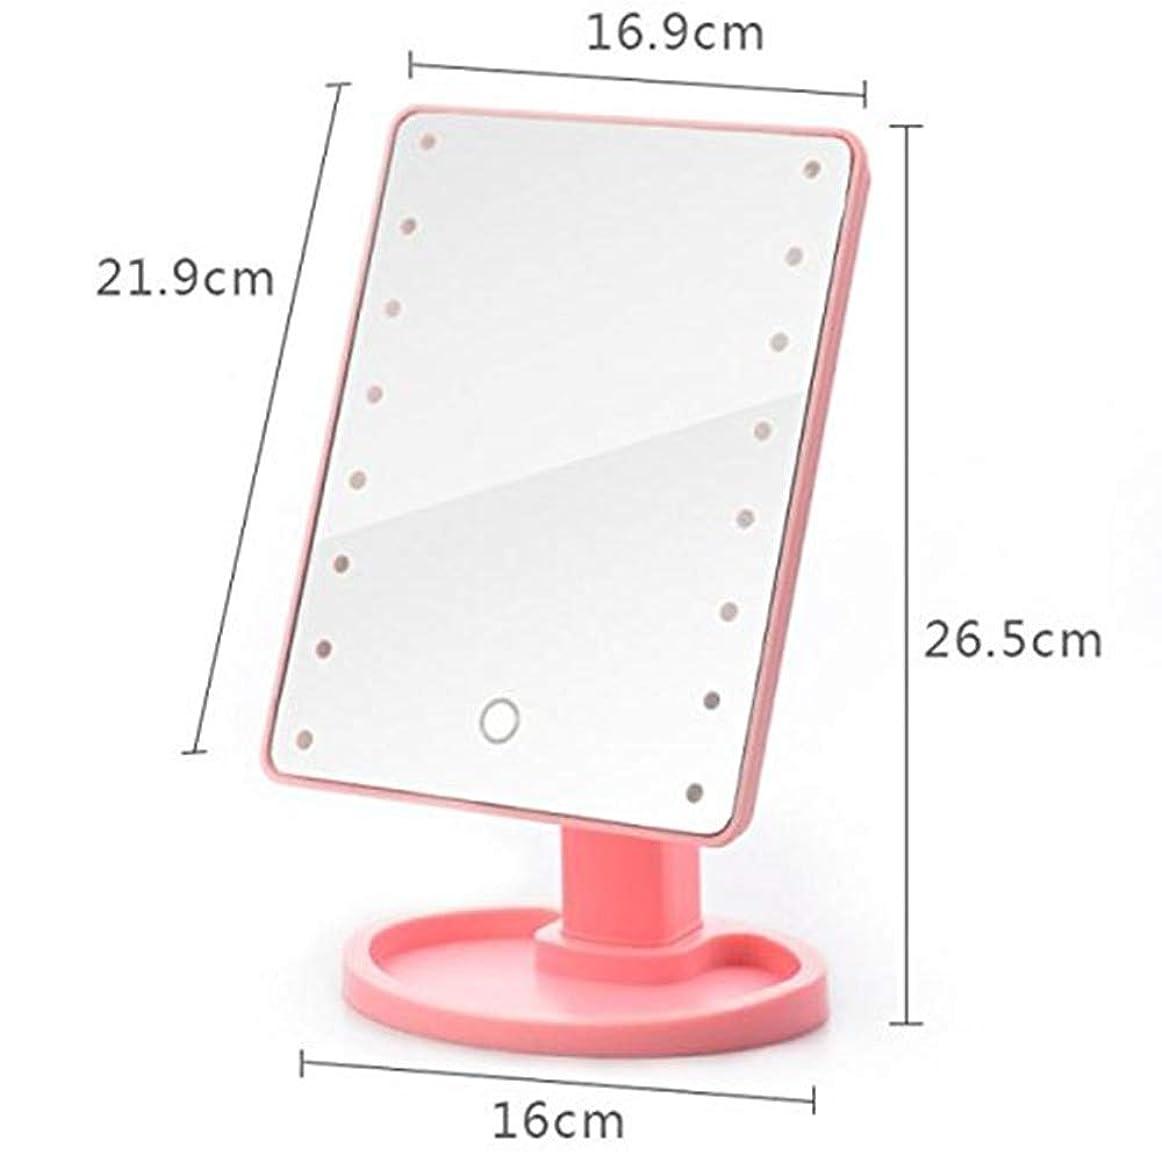 統計ペチュランス解釈RedPeg照明付き化粧台ミラー付き16 ledライト&タッチスクリーンDimmable10x拡大鏡ミラー用バスルーム寝室デスクトップ卓上 (ピンク)